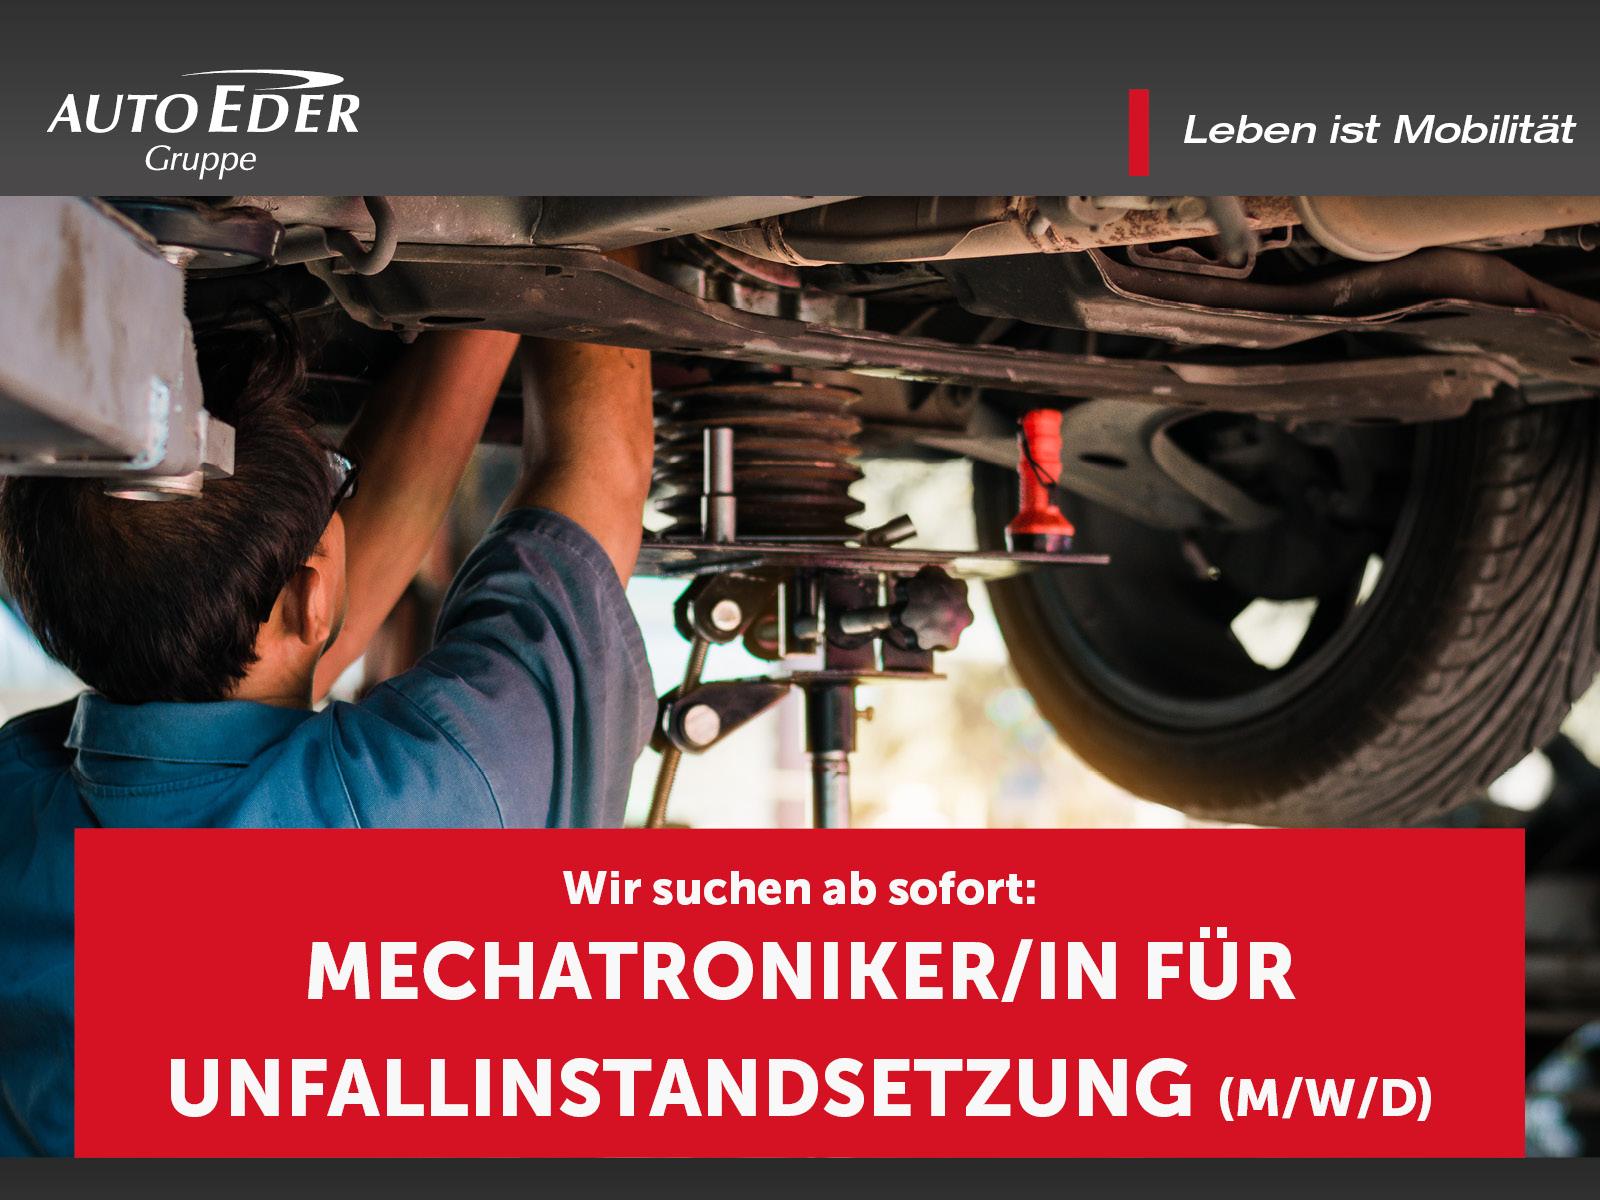 Mechatroniker für Unfallinstandsetzung (m/w/d)